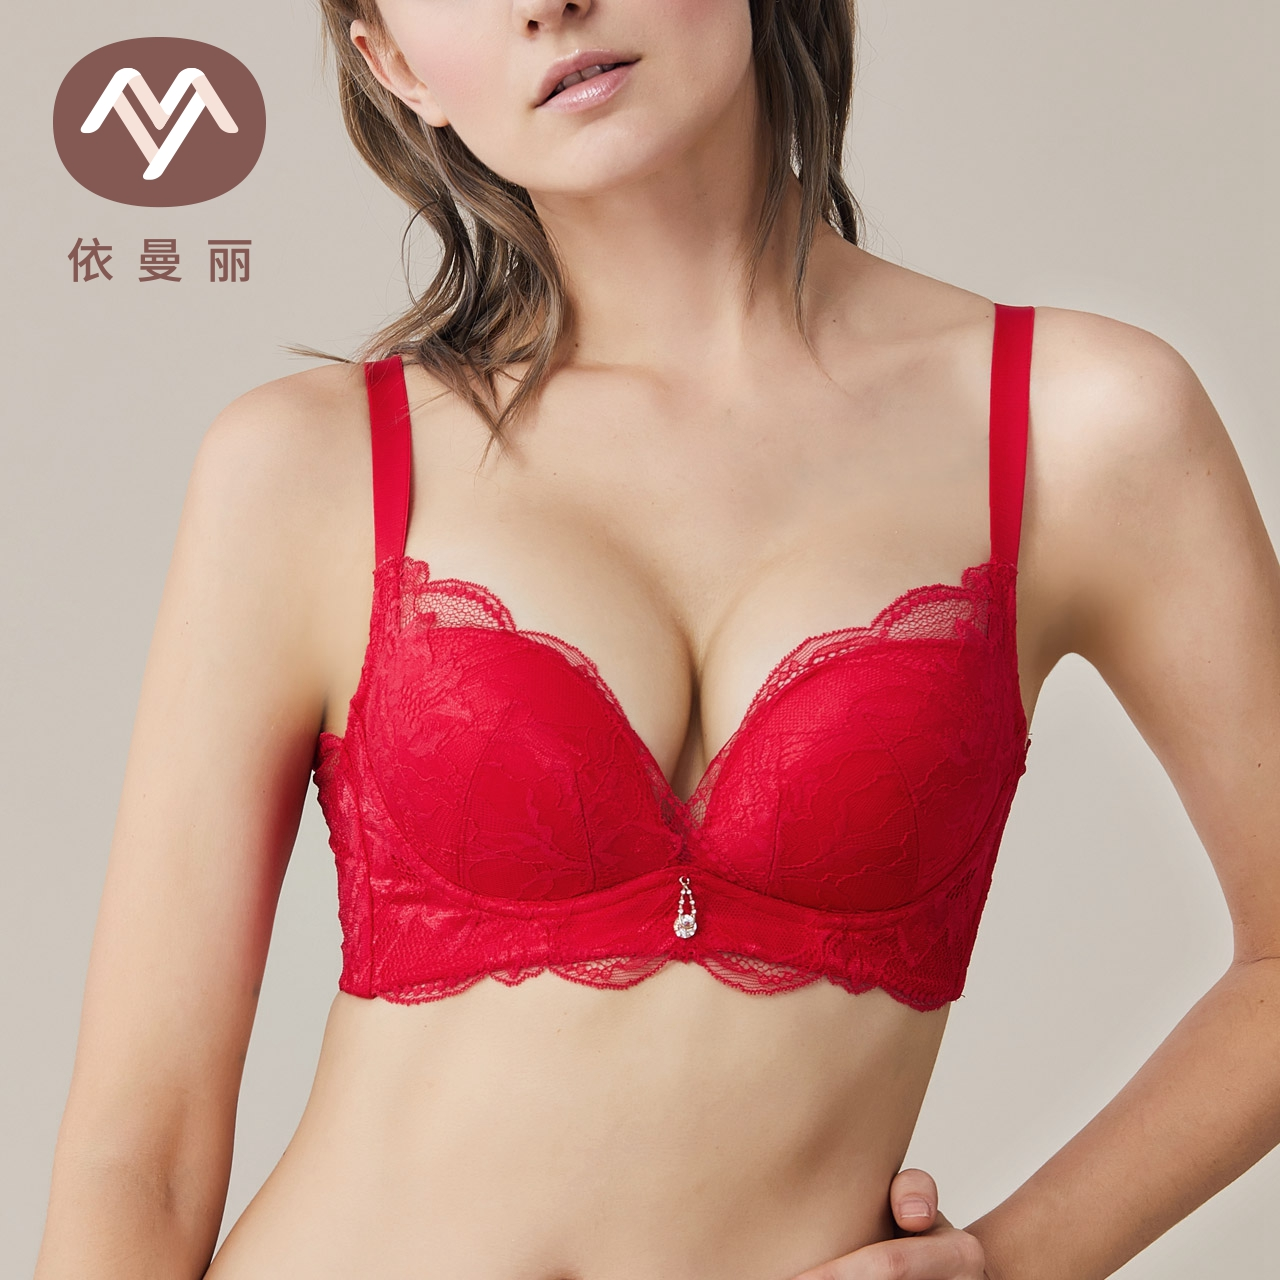 依曼丽2018红色本命年文胸 女士性感新年红色内衣